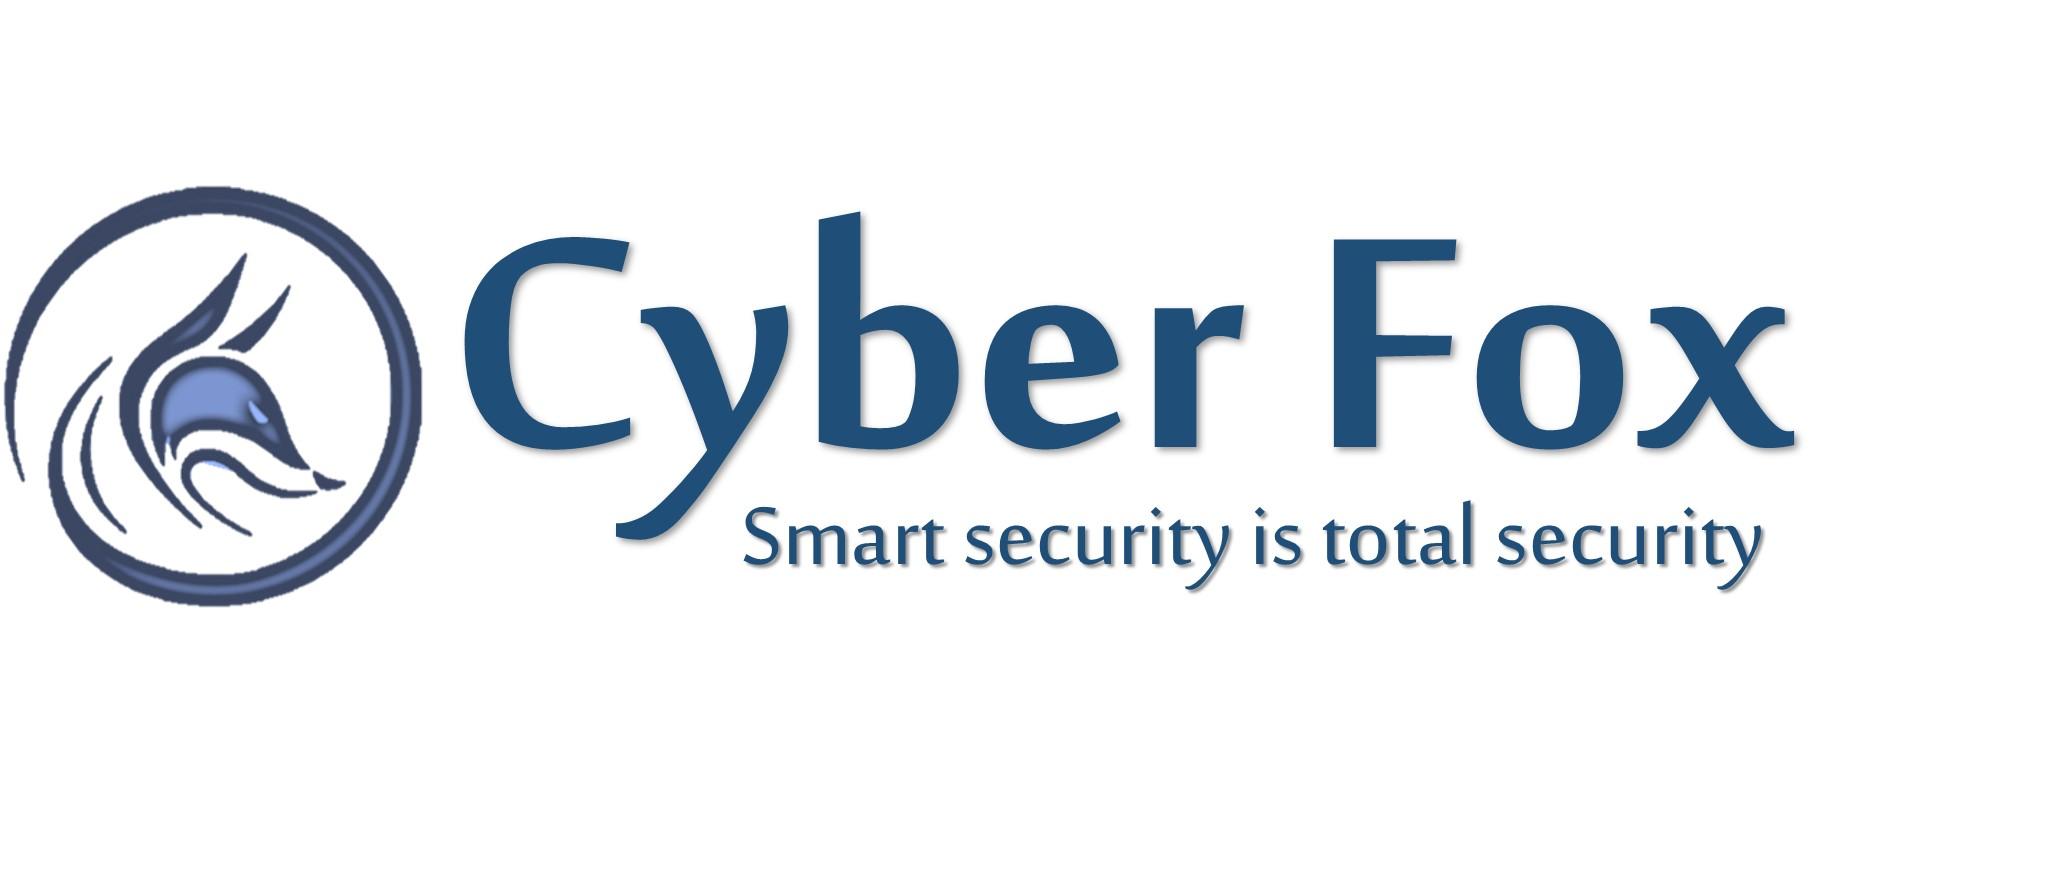 CyberFox Blog